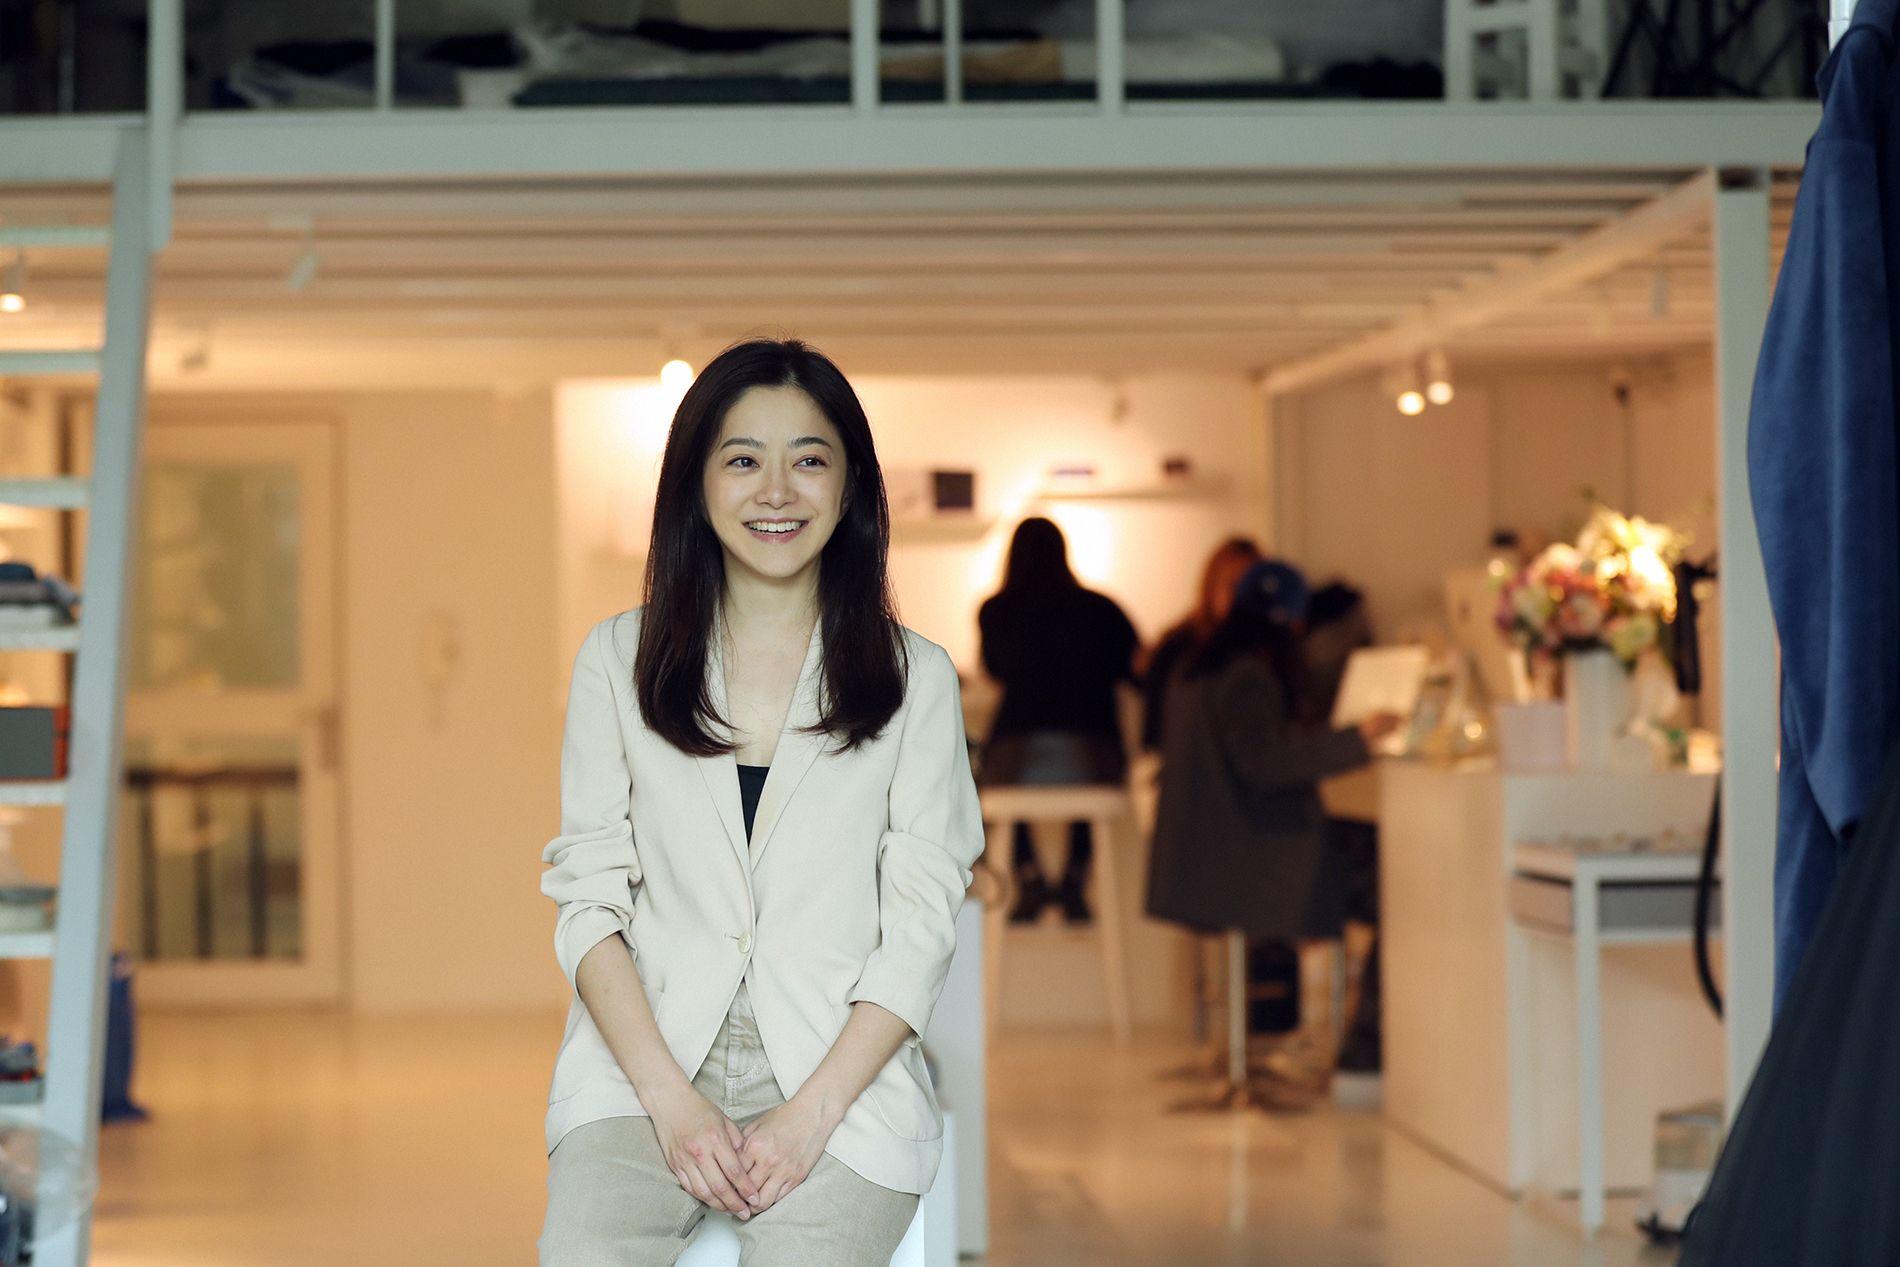 C Jean 創辦人暨服裝設計師簡君嫄,以時尚探索「永續」、「環保」的未來趨勢